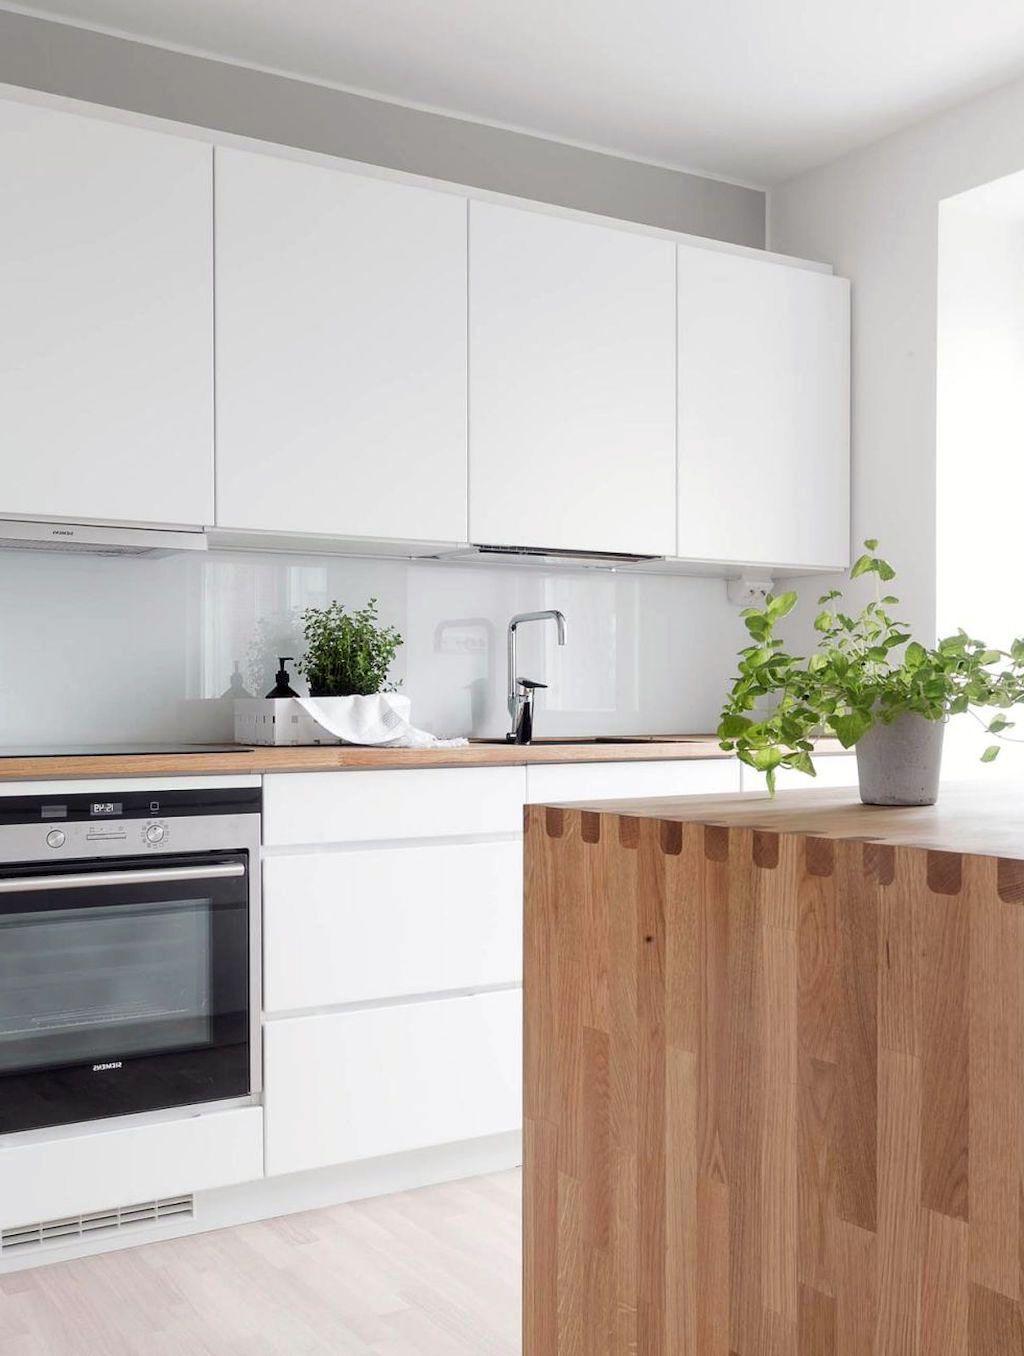 51 Comfy Wood Scandinavian Kitchen Ideas That Popular Today In 2020 Scandinavian Interior Kitchen Scandinavian Kitchen Design Scandinavian Kitchen